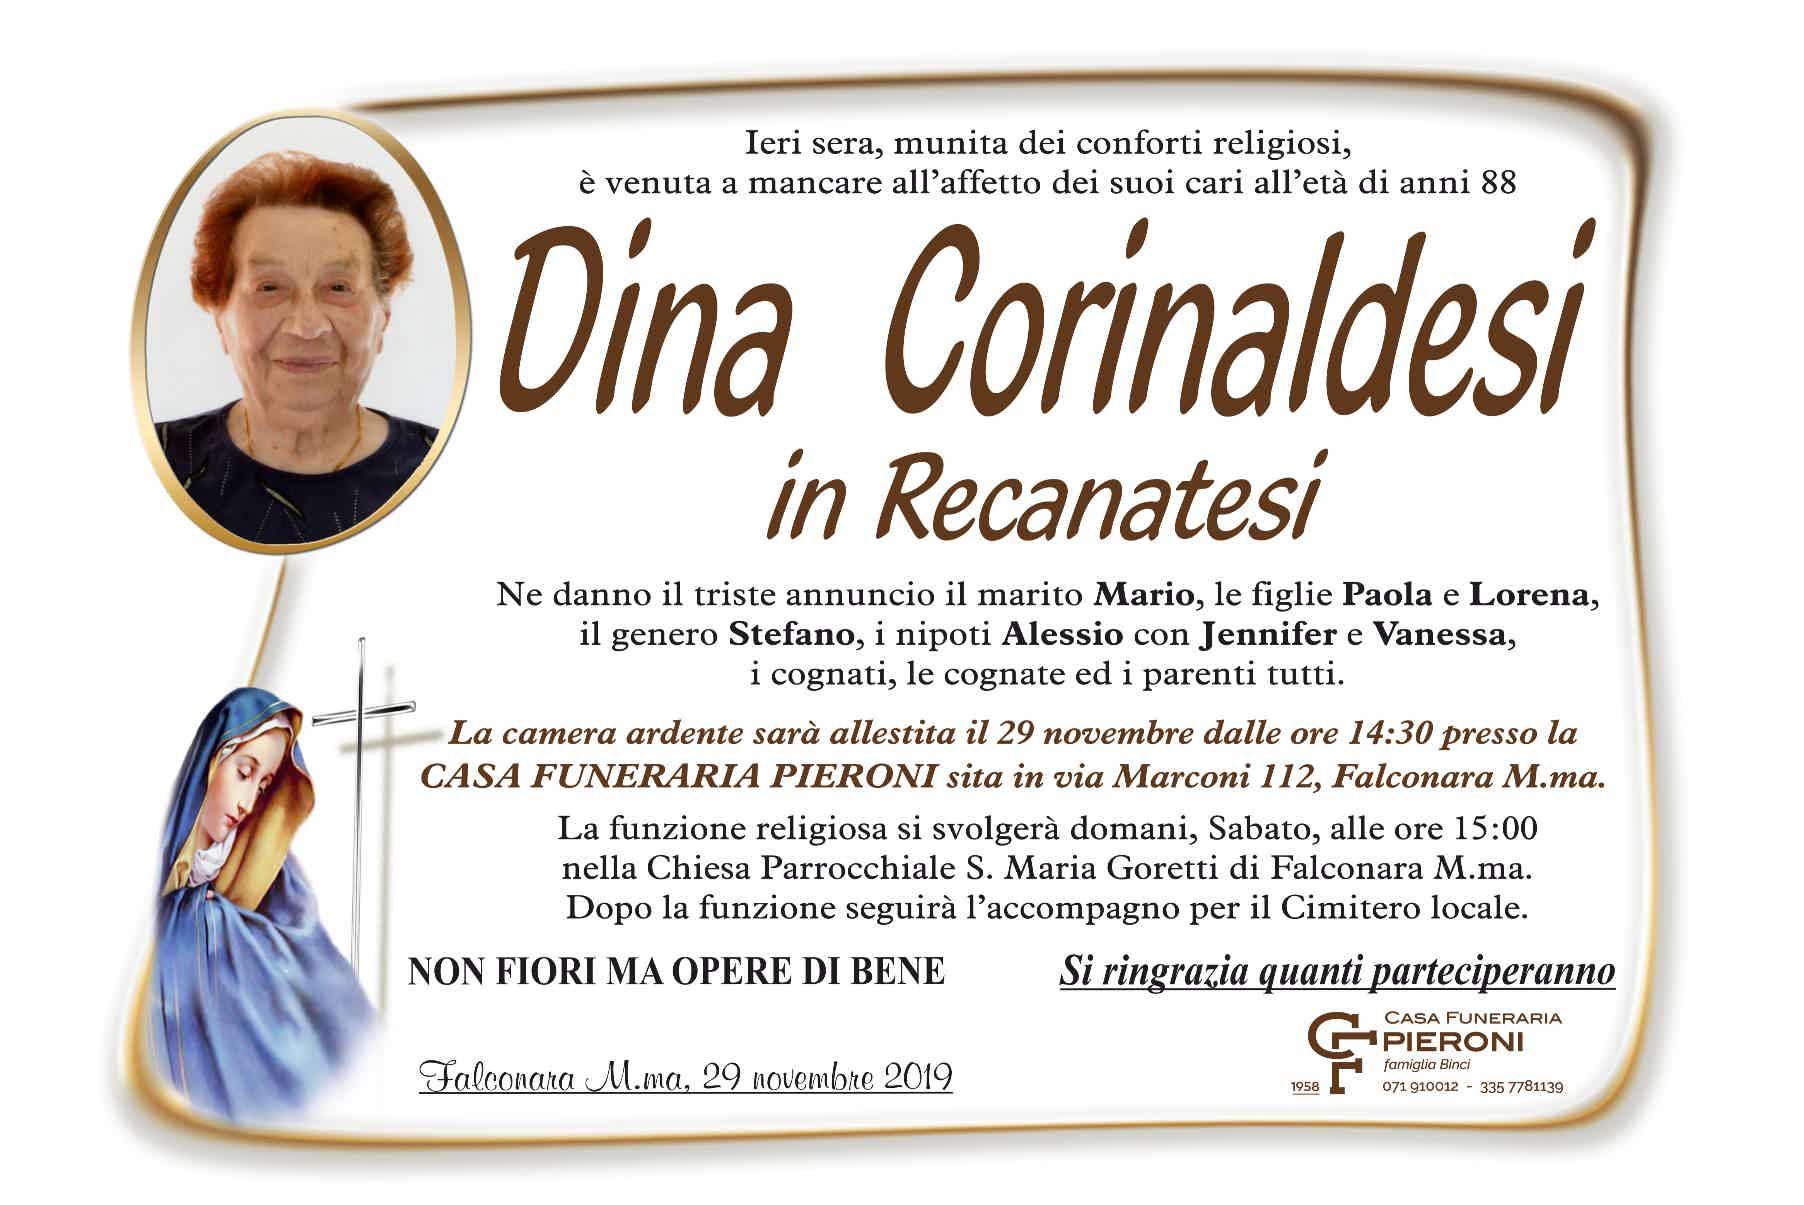 Dina Corinaldesi